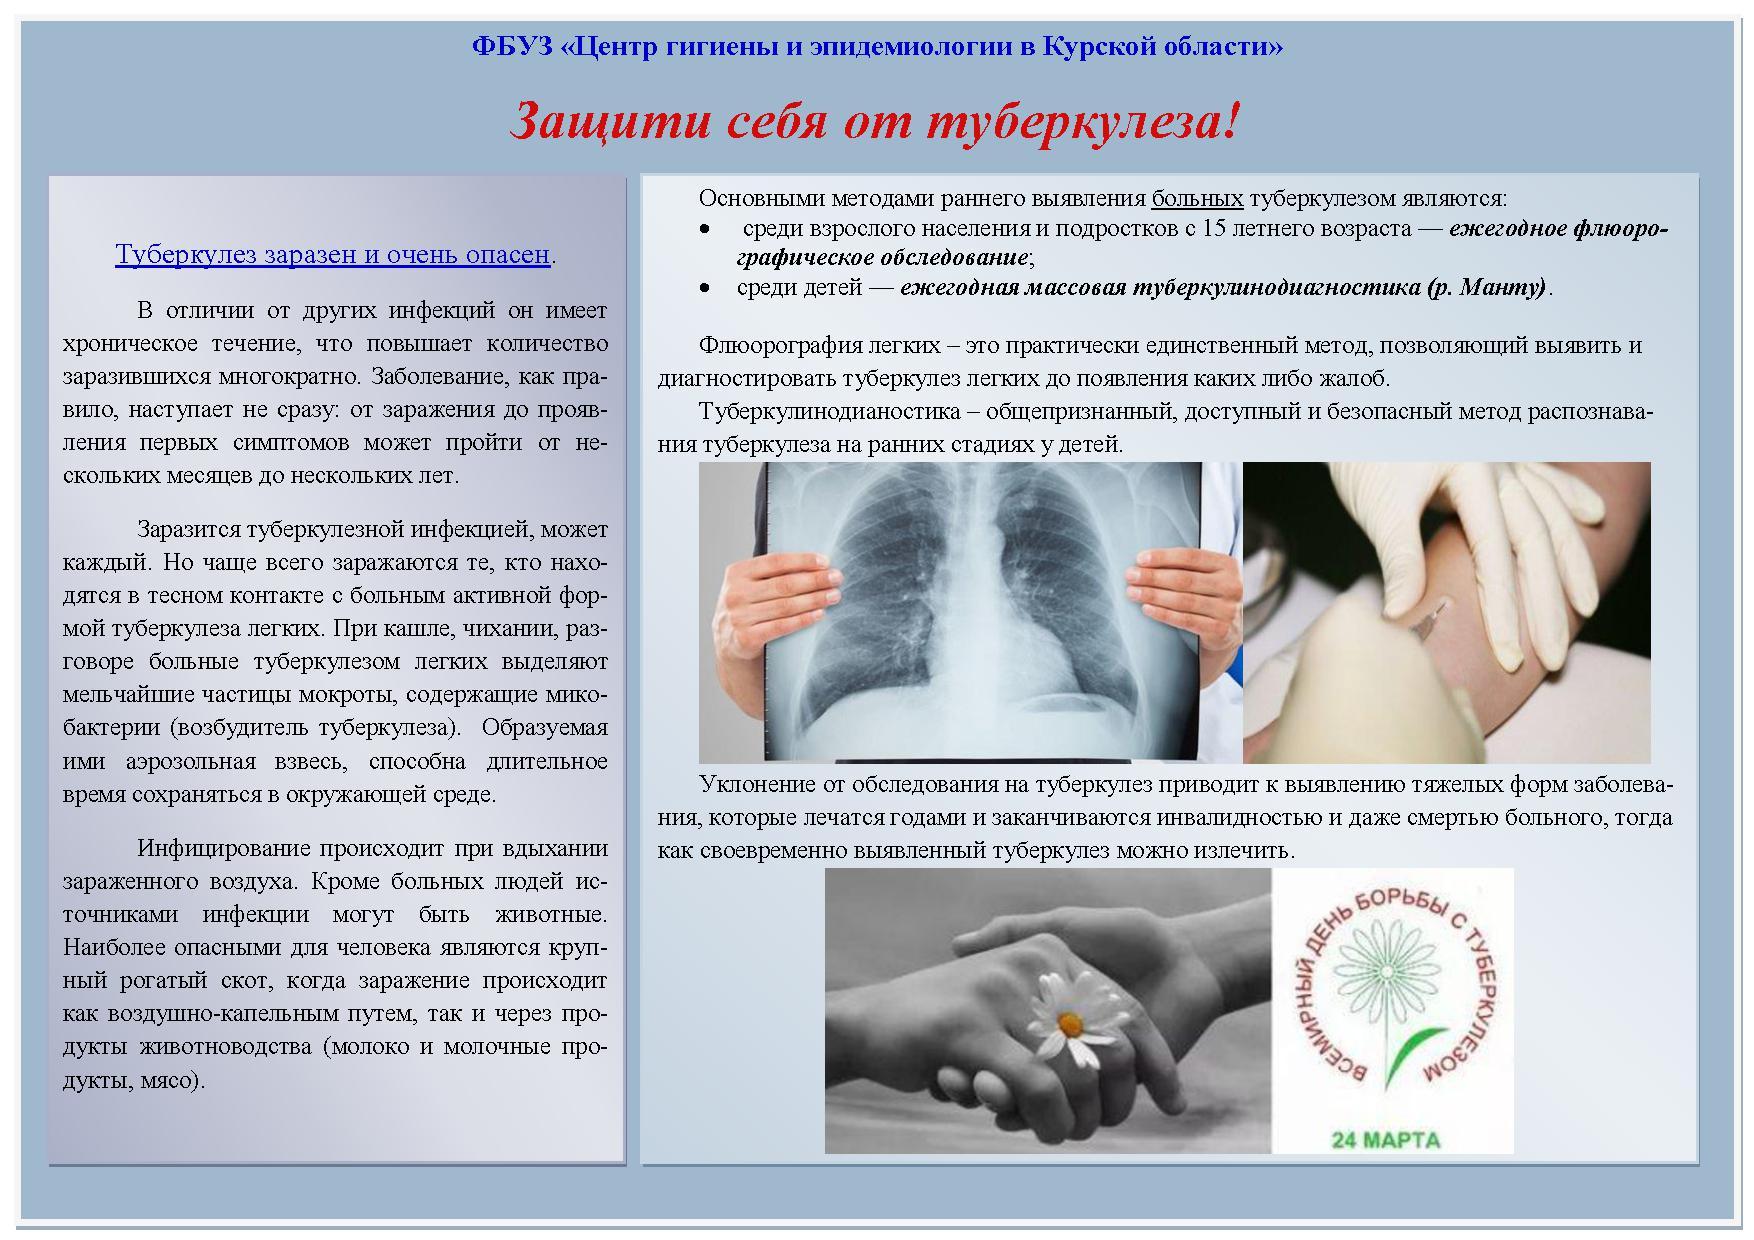 Туберкулез у детей: симптомы и первые признаки pulmono.ru туберкулез у детей: симптомы и первые признаки